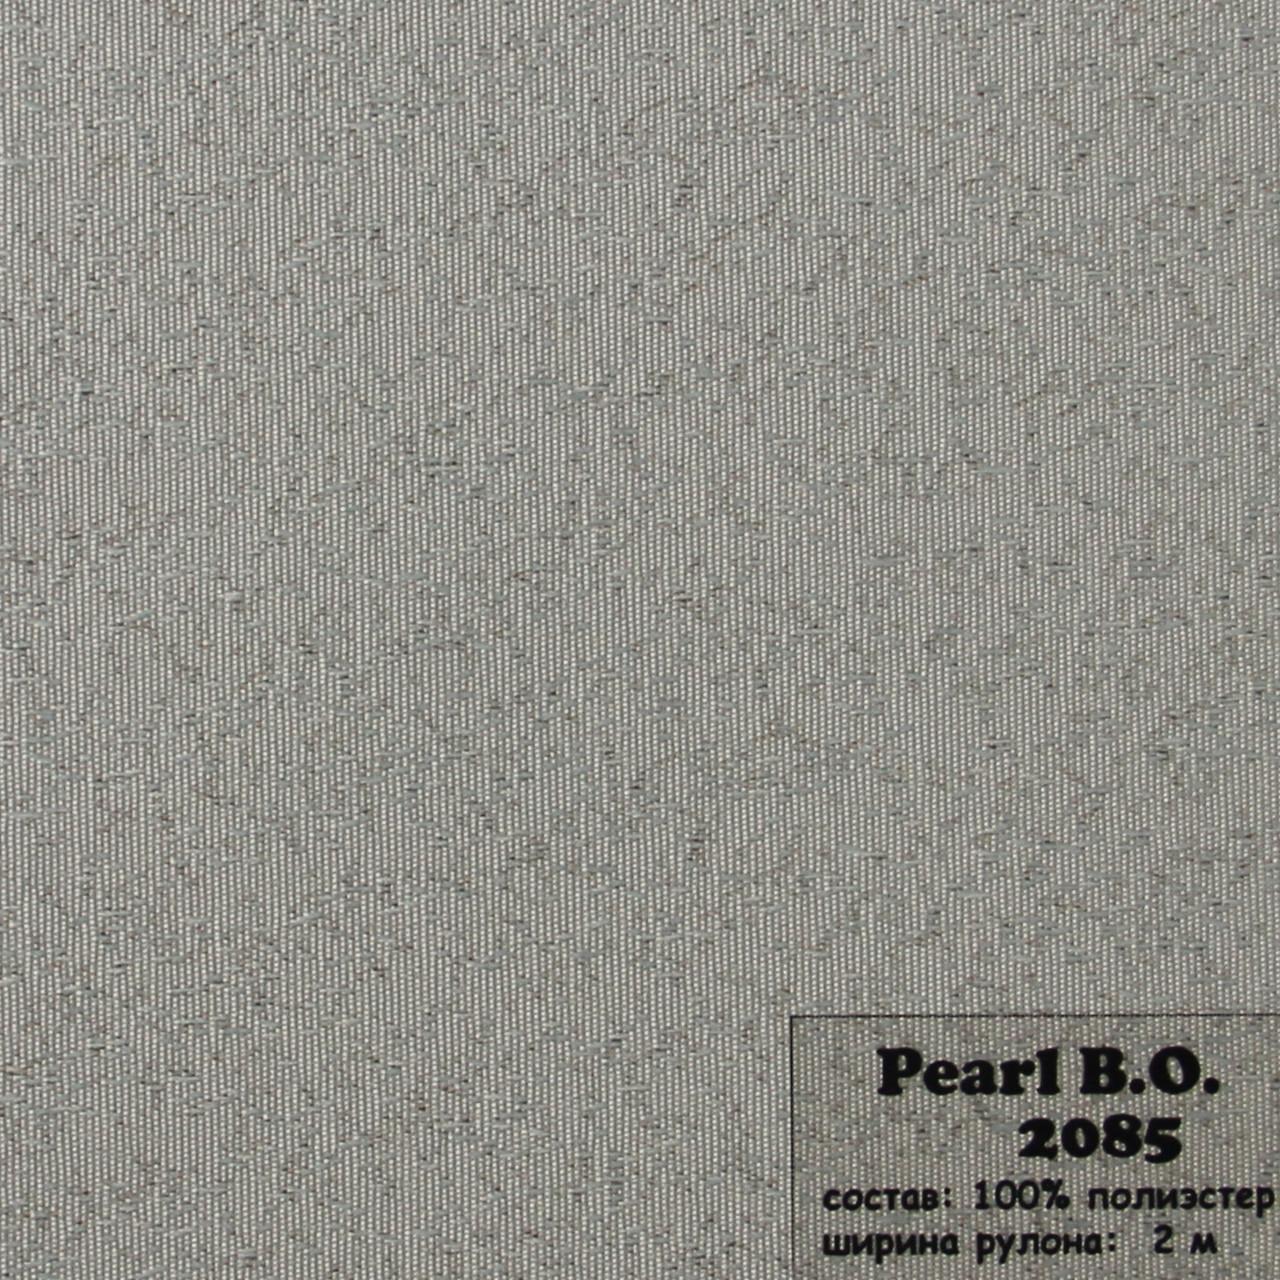 Рулонные шторы Одесса Ткань Pearl блэк-аут Серый 2085